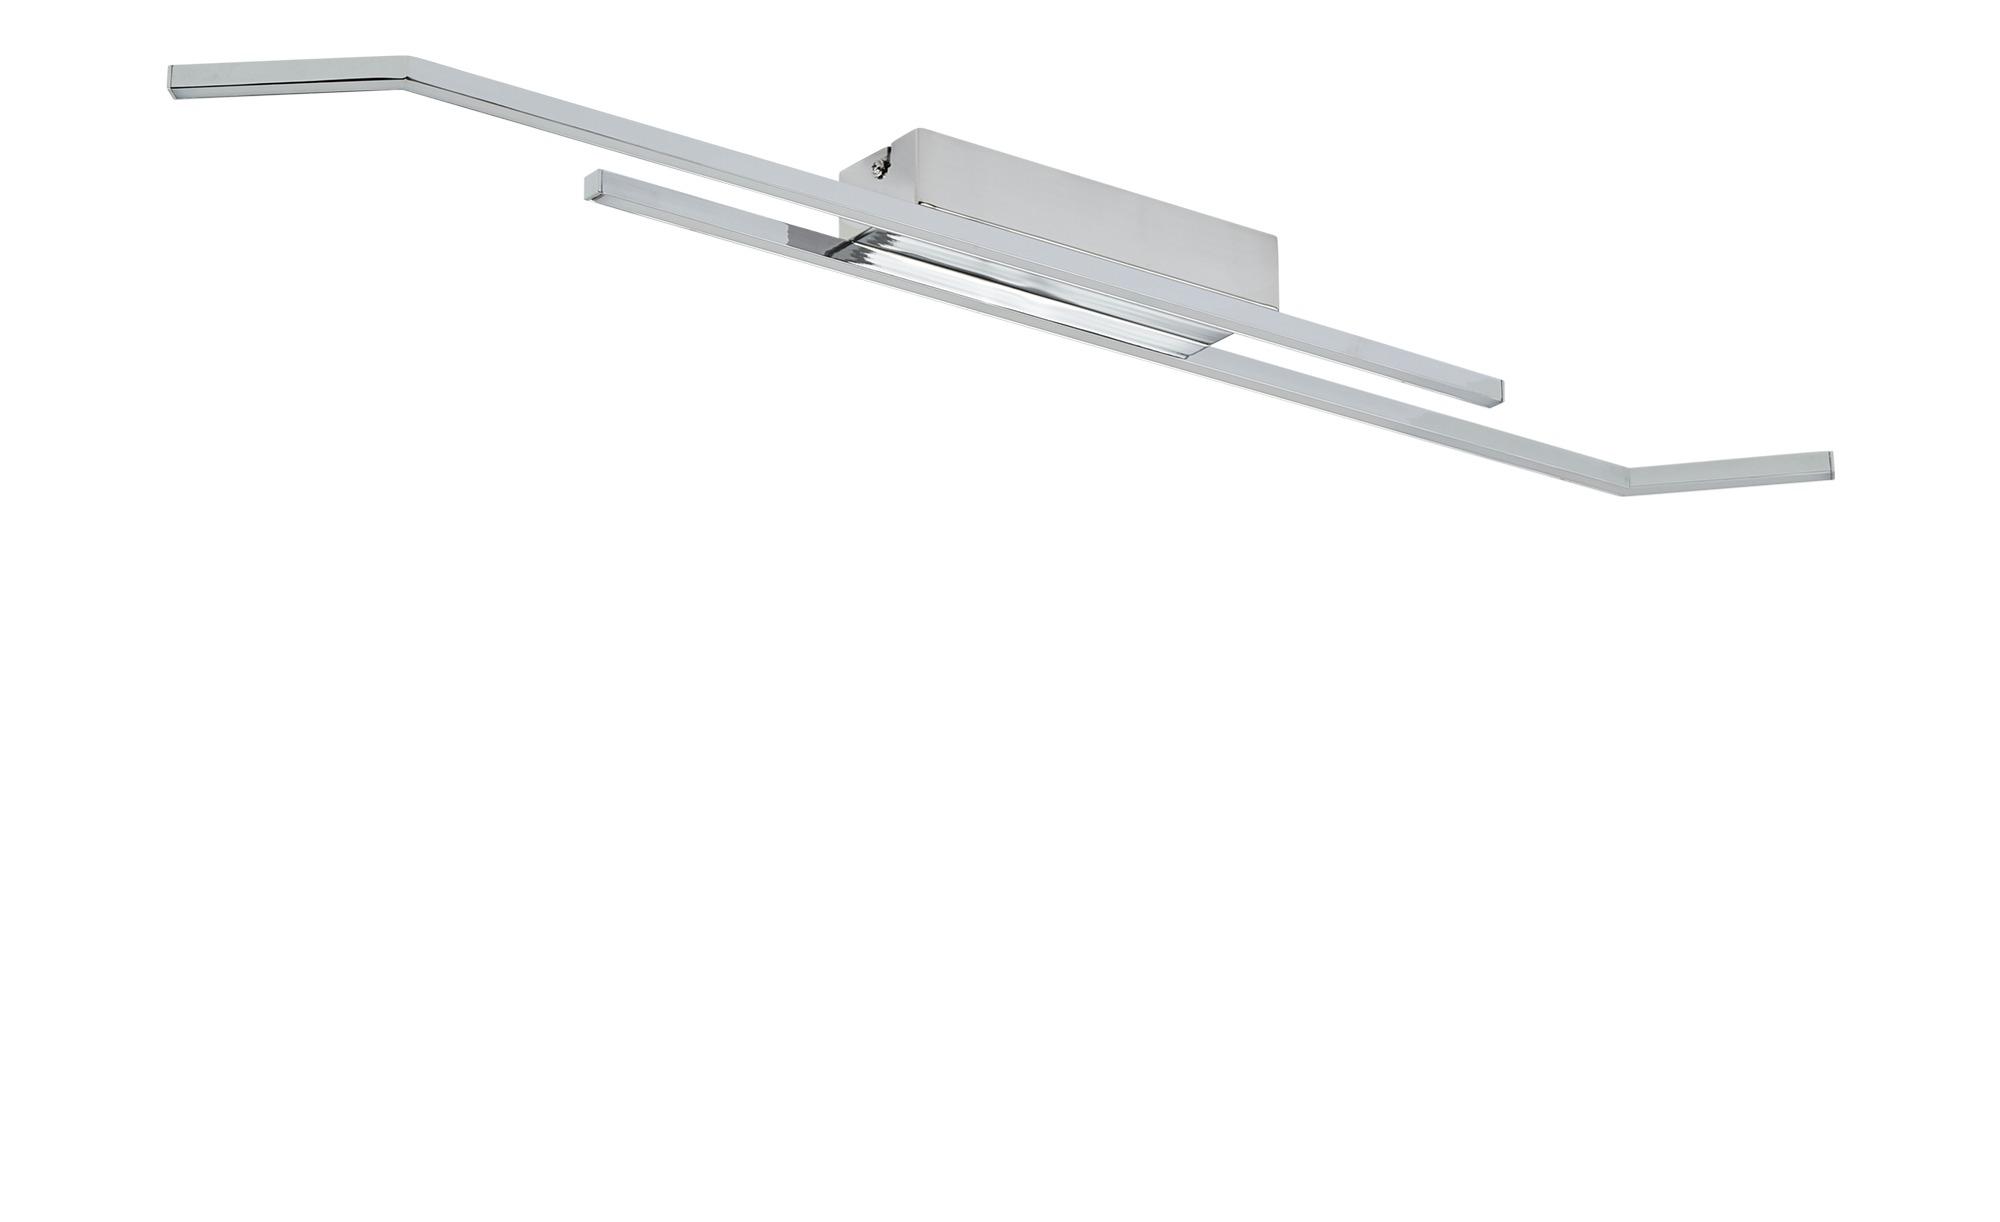 KHG LED-Deckenleuchte, 2-flammig, chrom ¦ silber ¦ Maße (cm): B: 10 H: 5,2 Lampen & Leuchten > Innenleuchten > Deckenleuchten - Höffner